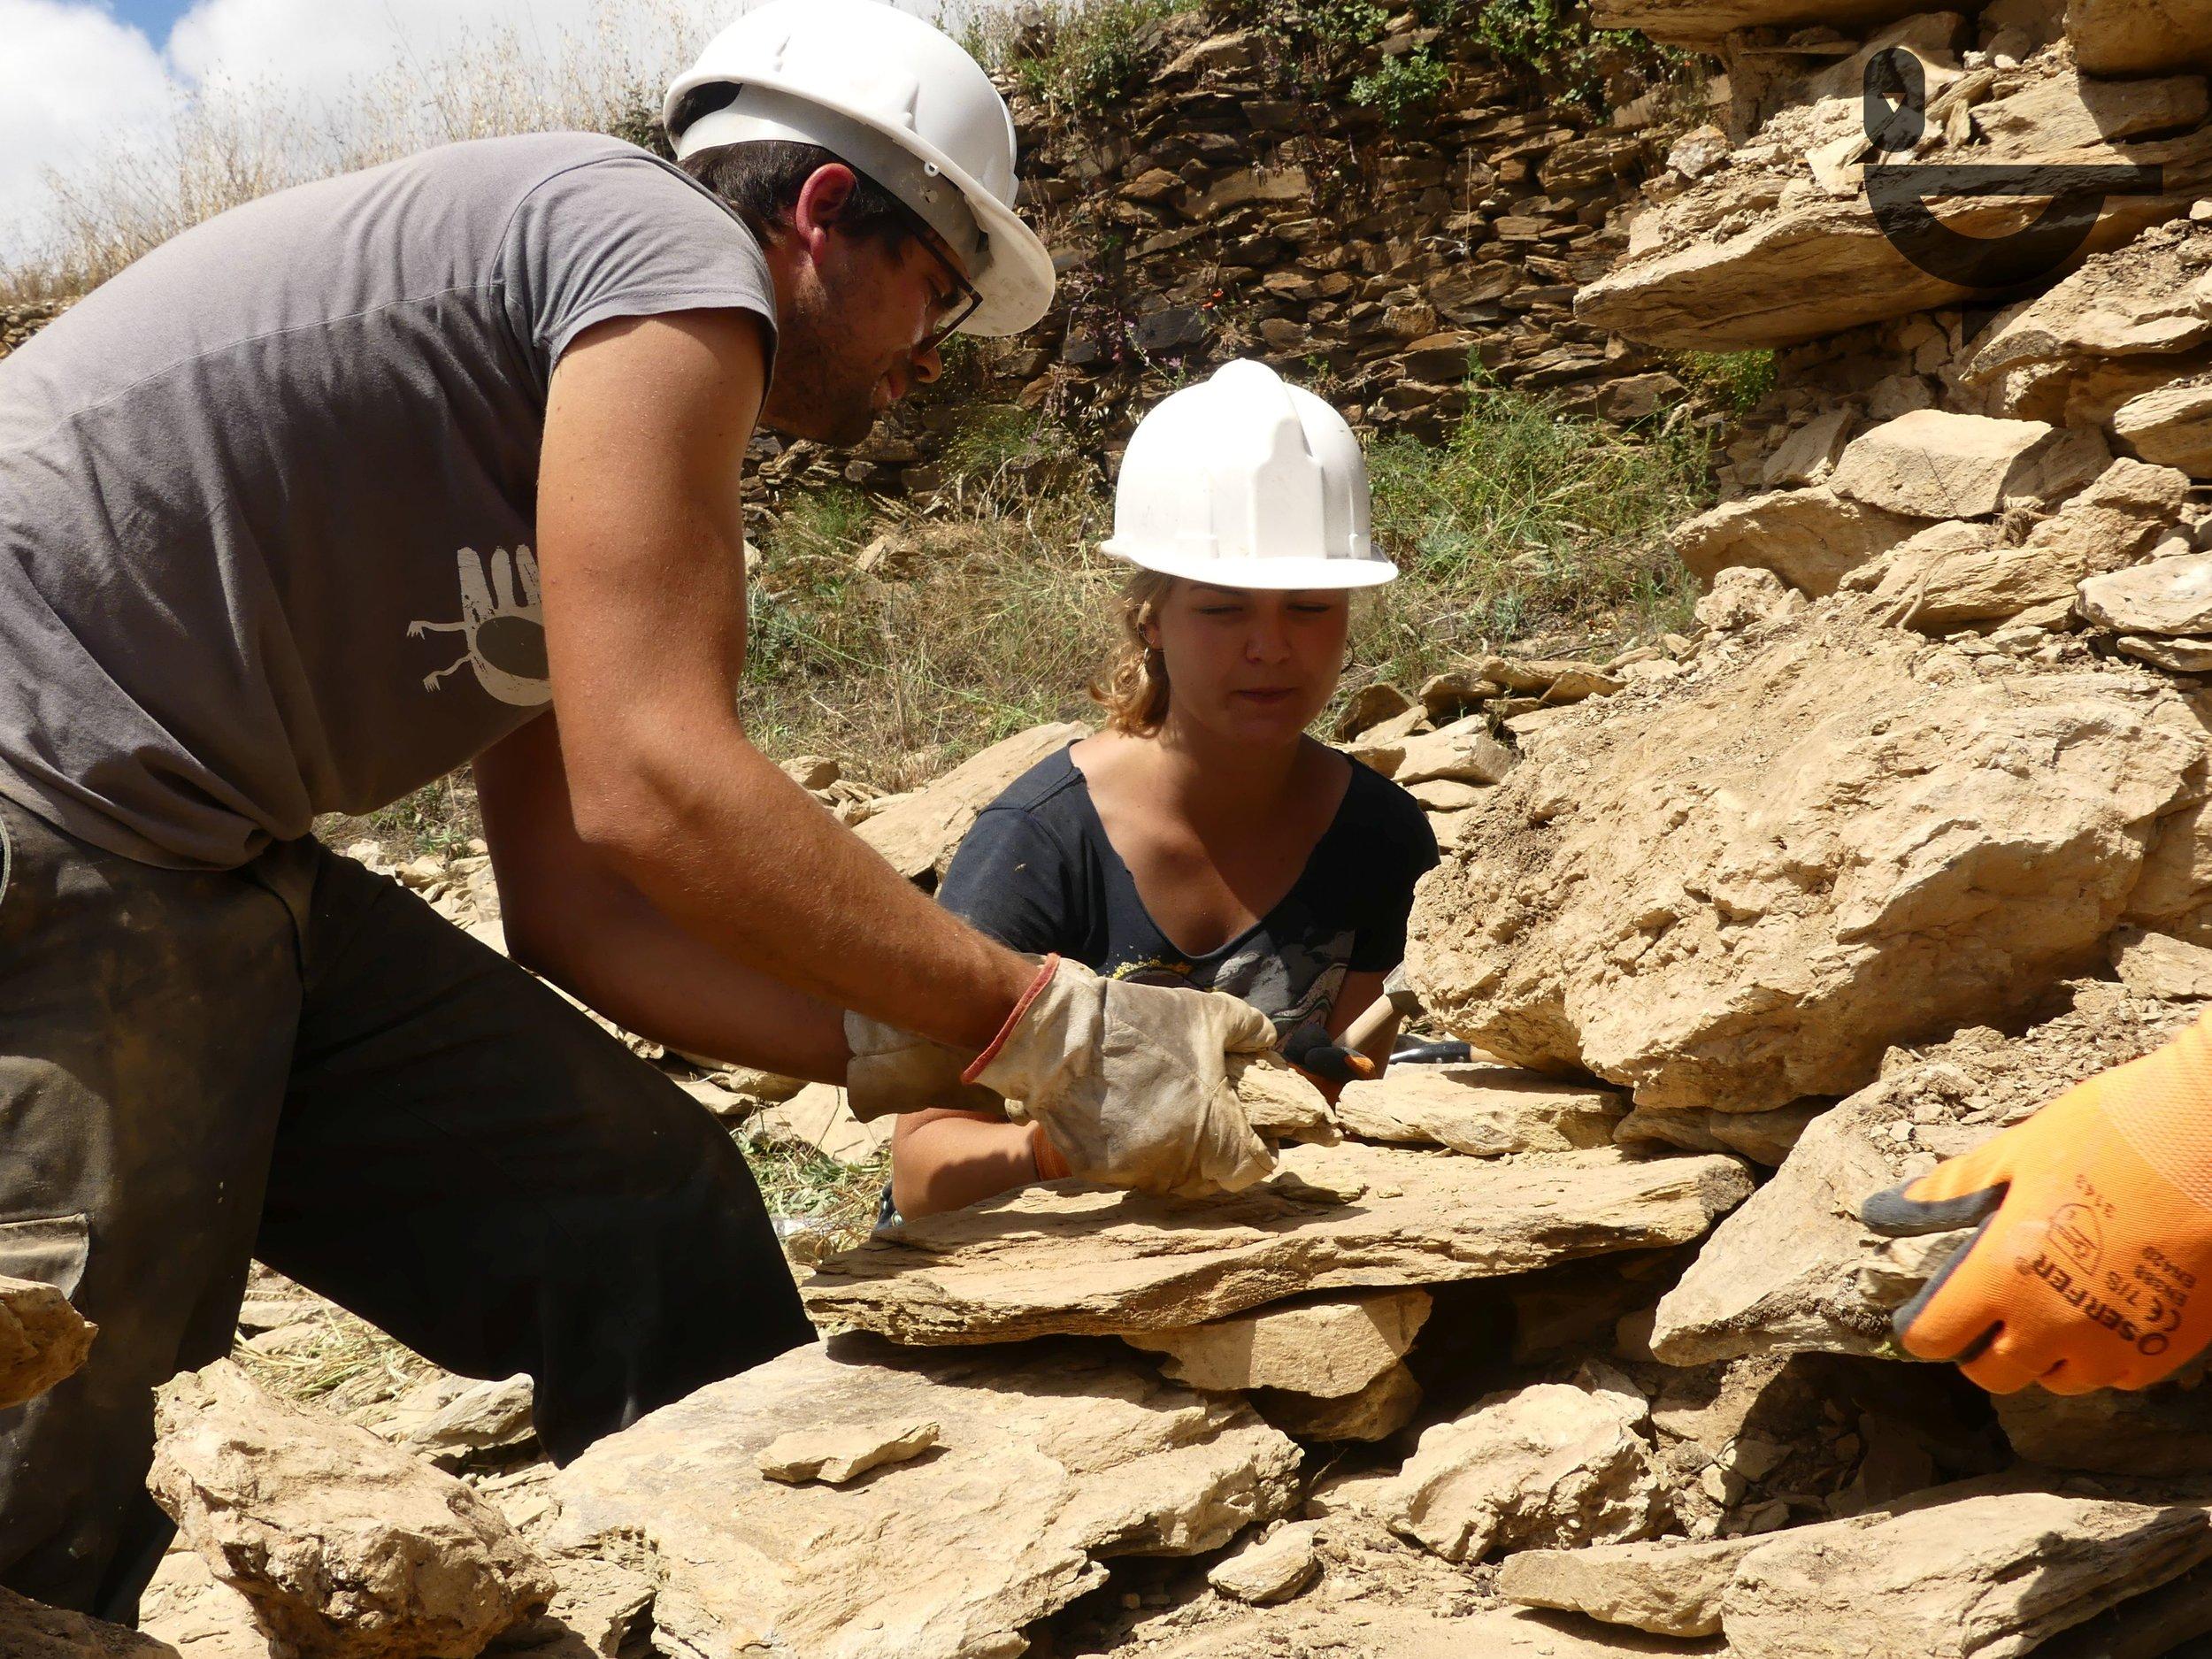 52.º Campo de Trabalho Voluntário Internacional dedicado à reconstrução de um pombal tradicional em Uva. Julho de 2018.